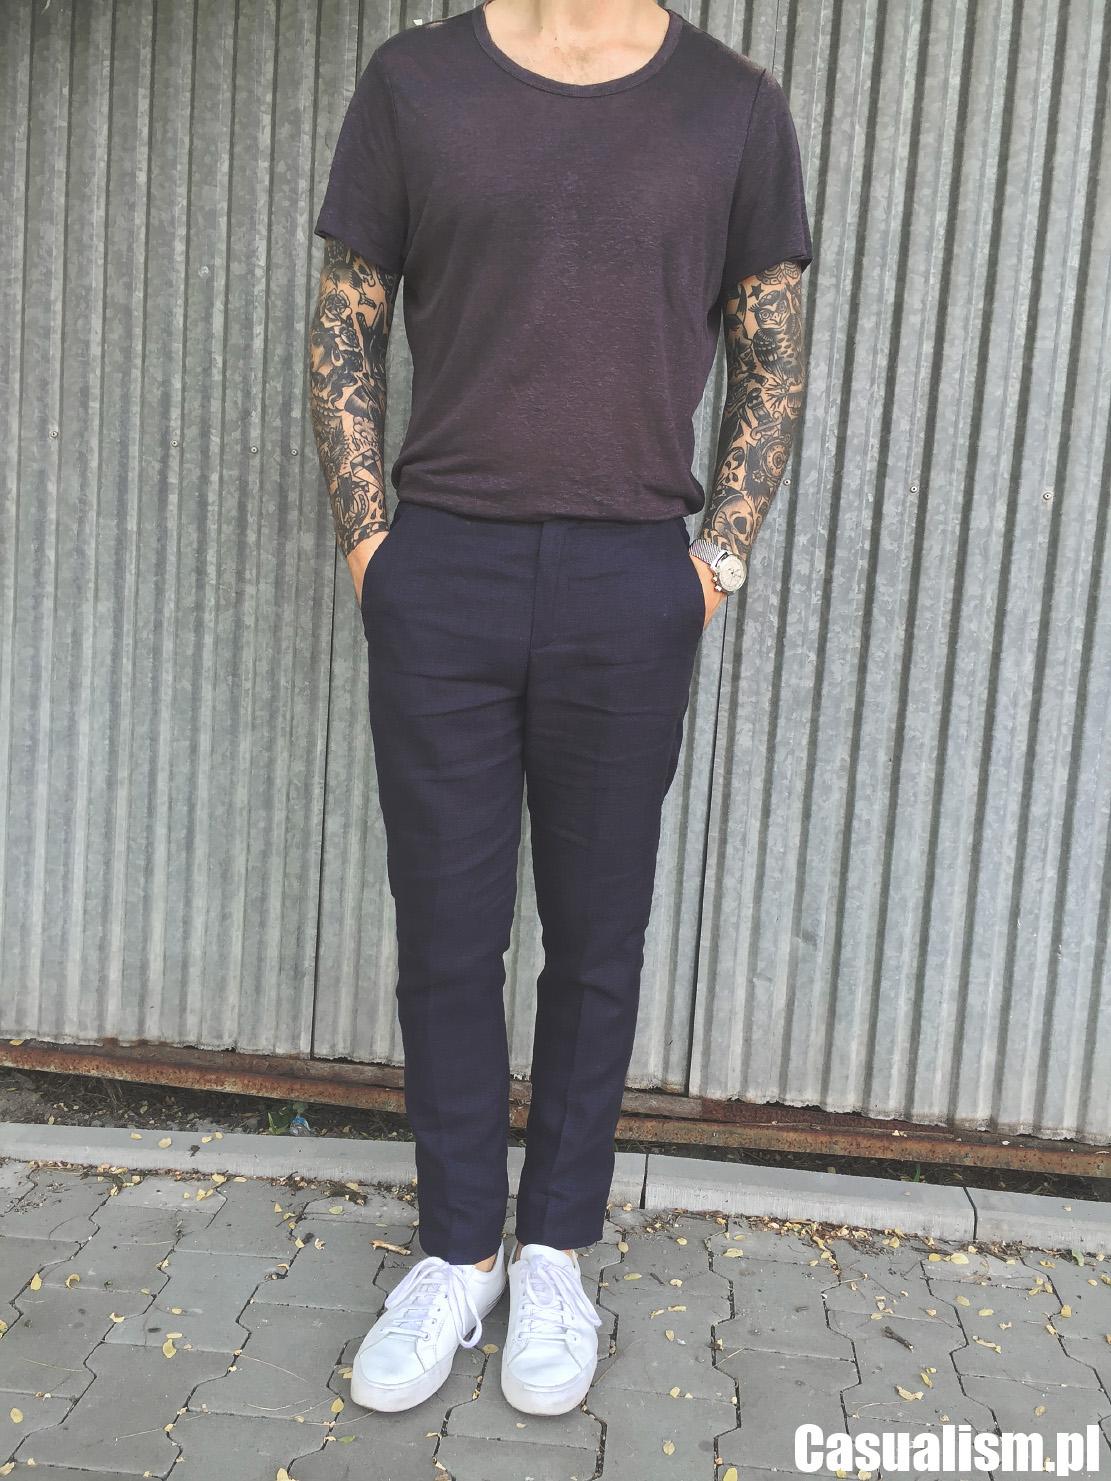 Lniane spodnie w kant, spodnie w kant z lnu, lniane kant spodnie, spodnie z lnu